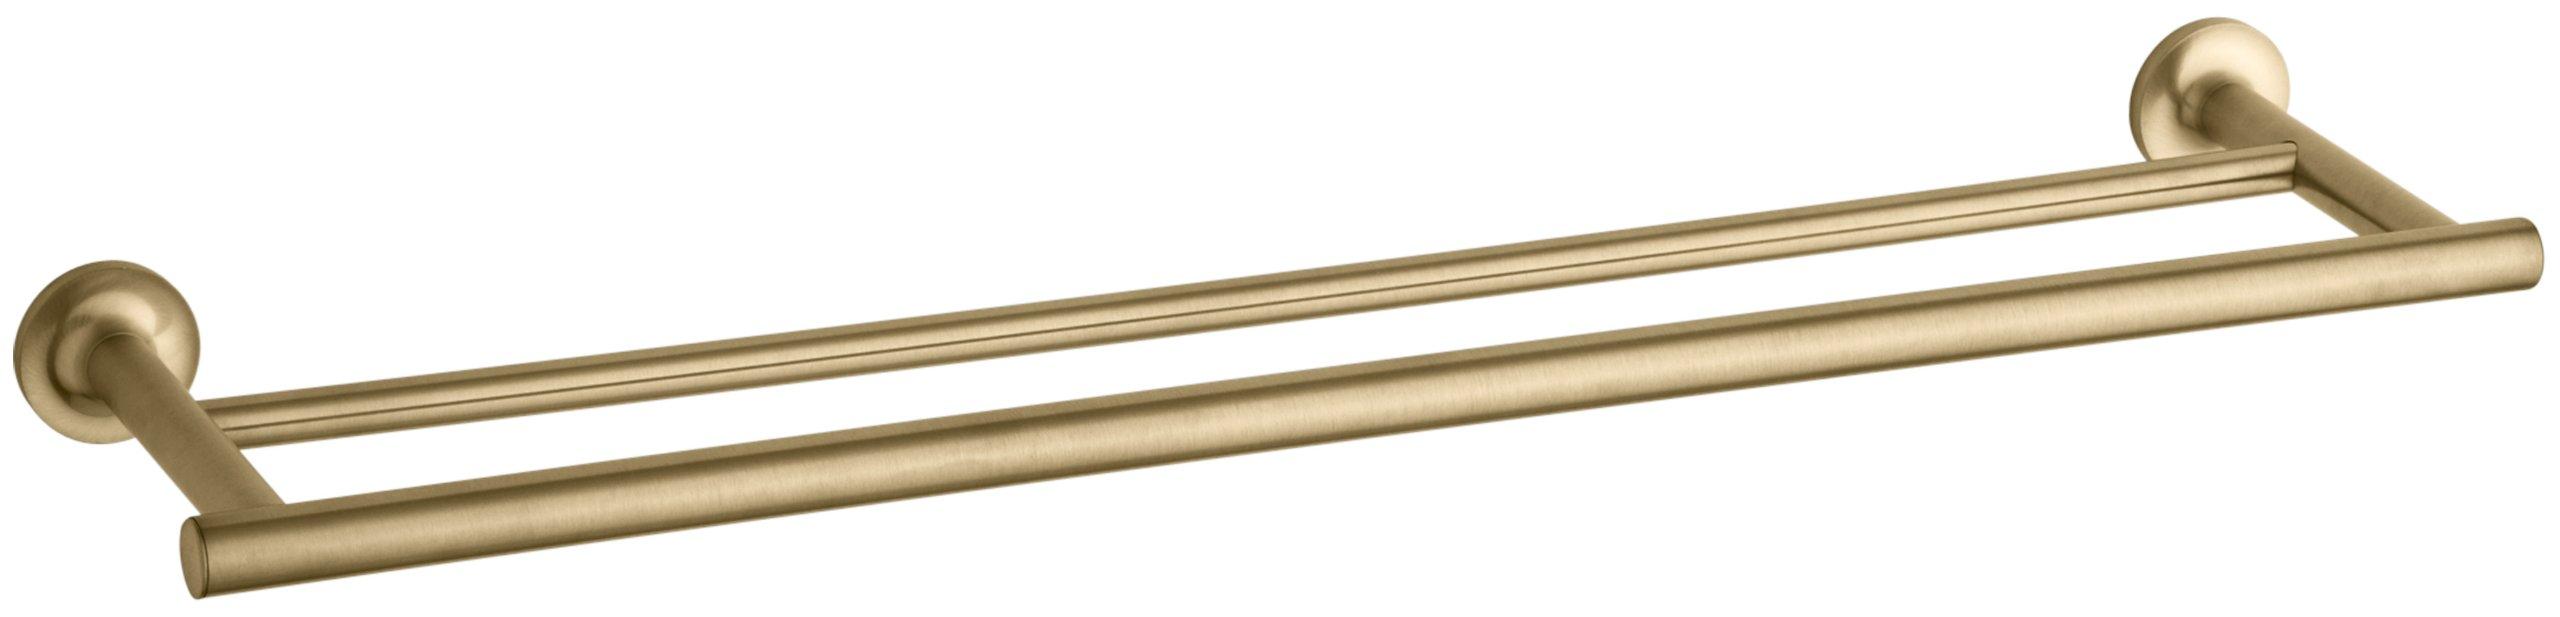 KOHLER K-14375-BGD Purist 24-Inch  Double Towel Bar, Vibrant Moderne Brushed Gold